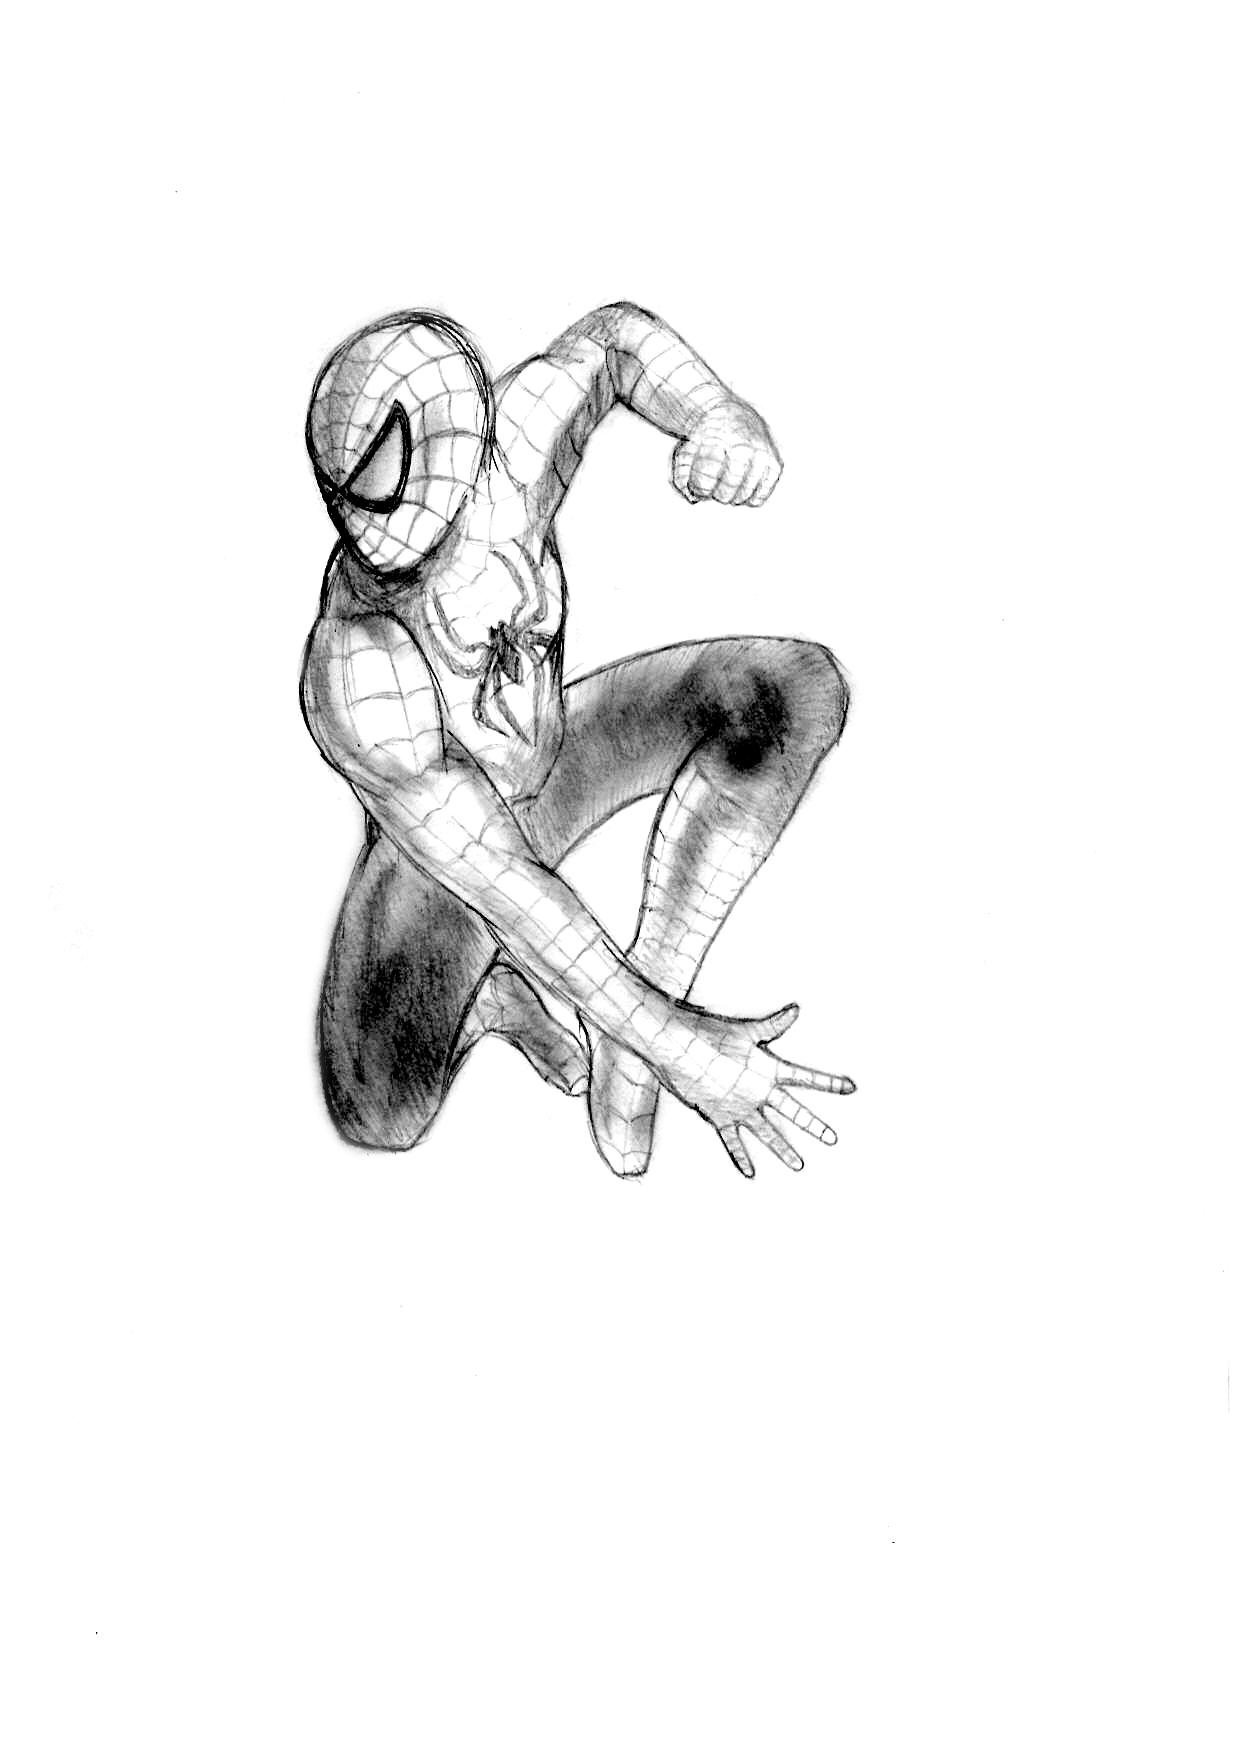 spiderman black and white by sartarnus on deviantart